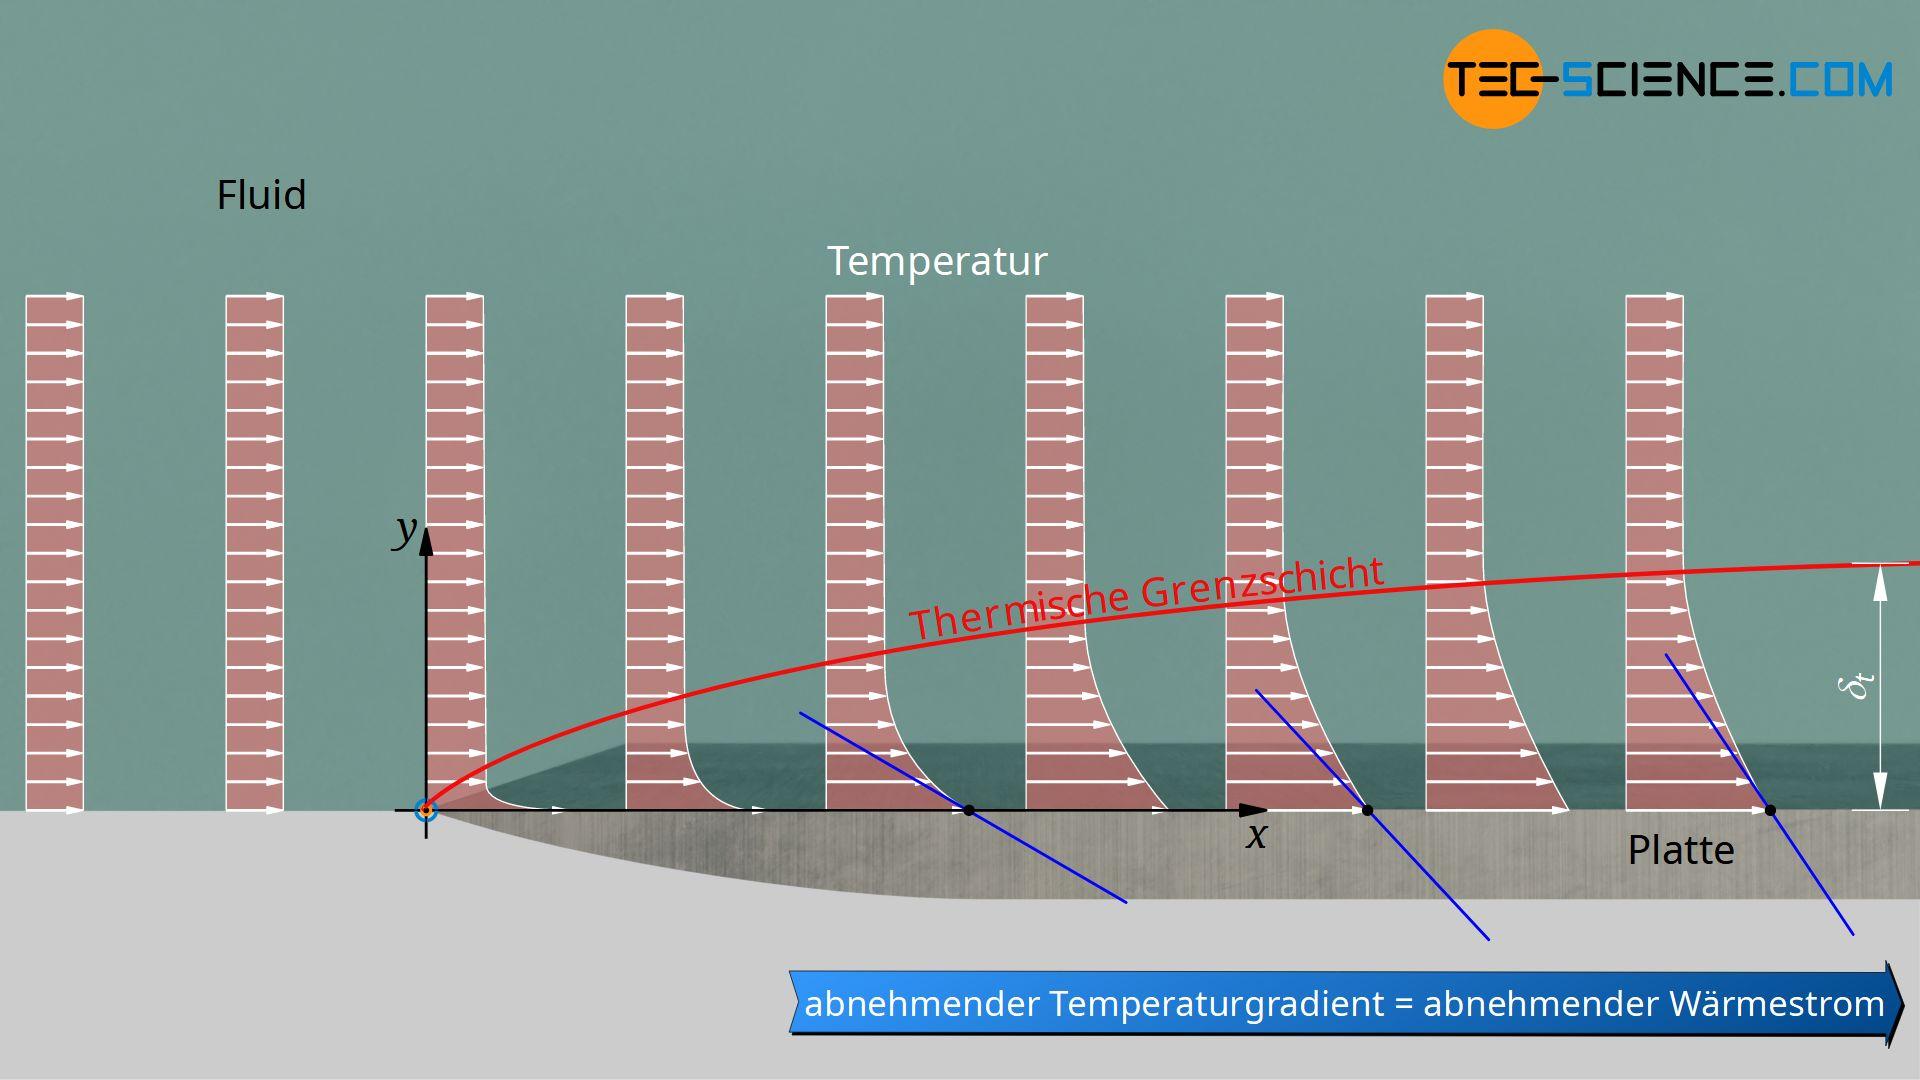 Thermische Grenzschicht einer isotherm beheizten Platte